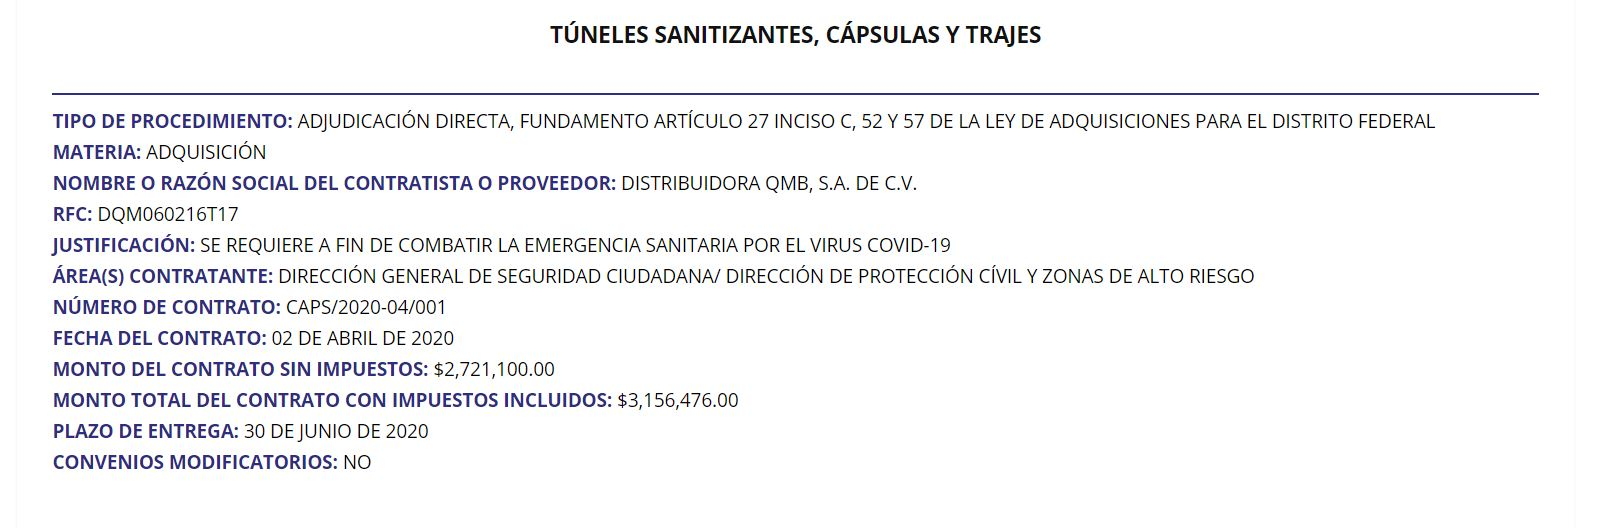 layda sansores contratos alvaro obregon tuneles sanitizantes 1